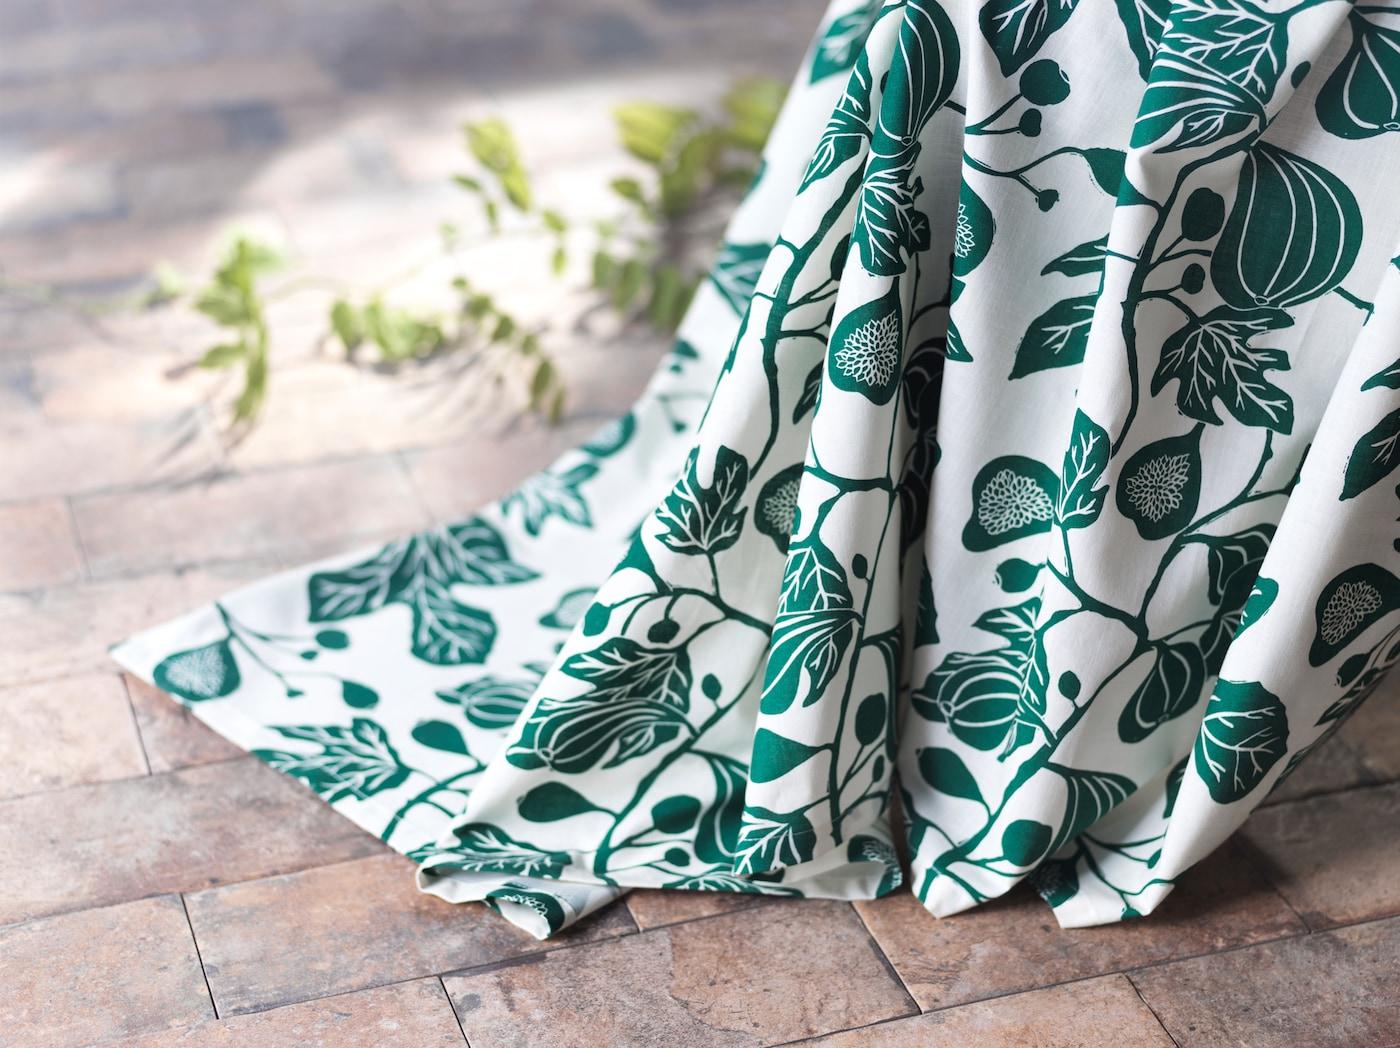 Gros plan sur les rideaux ALPKLÖVER qui touchent le sol et leur motif blanc et vert représentant des fleurs de figuier.